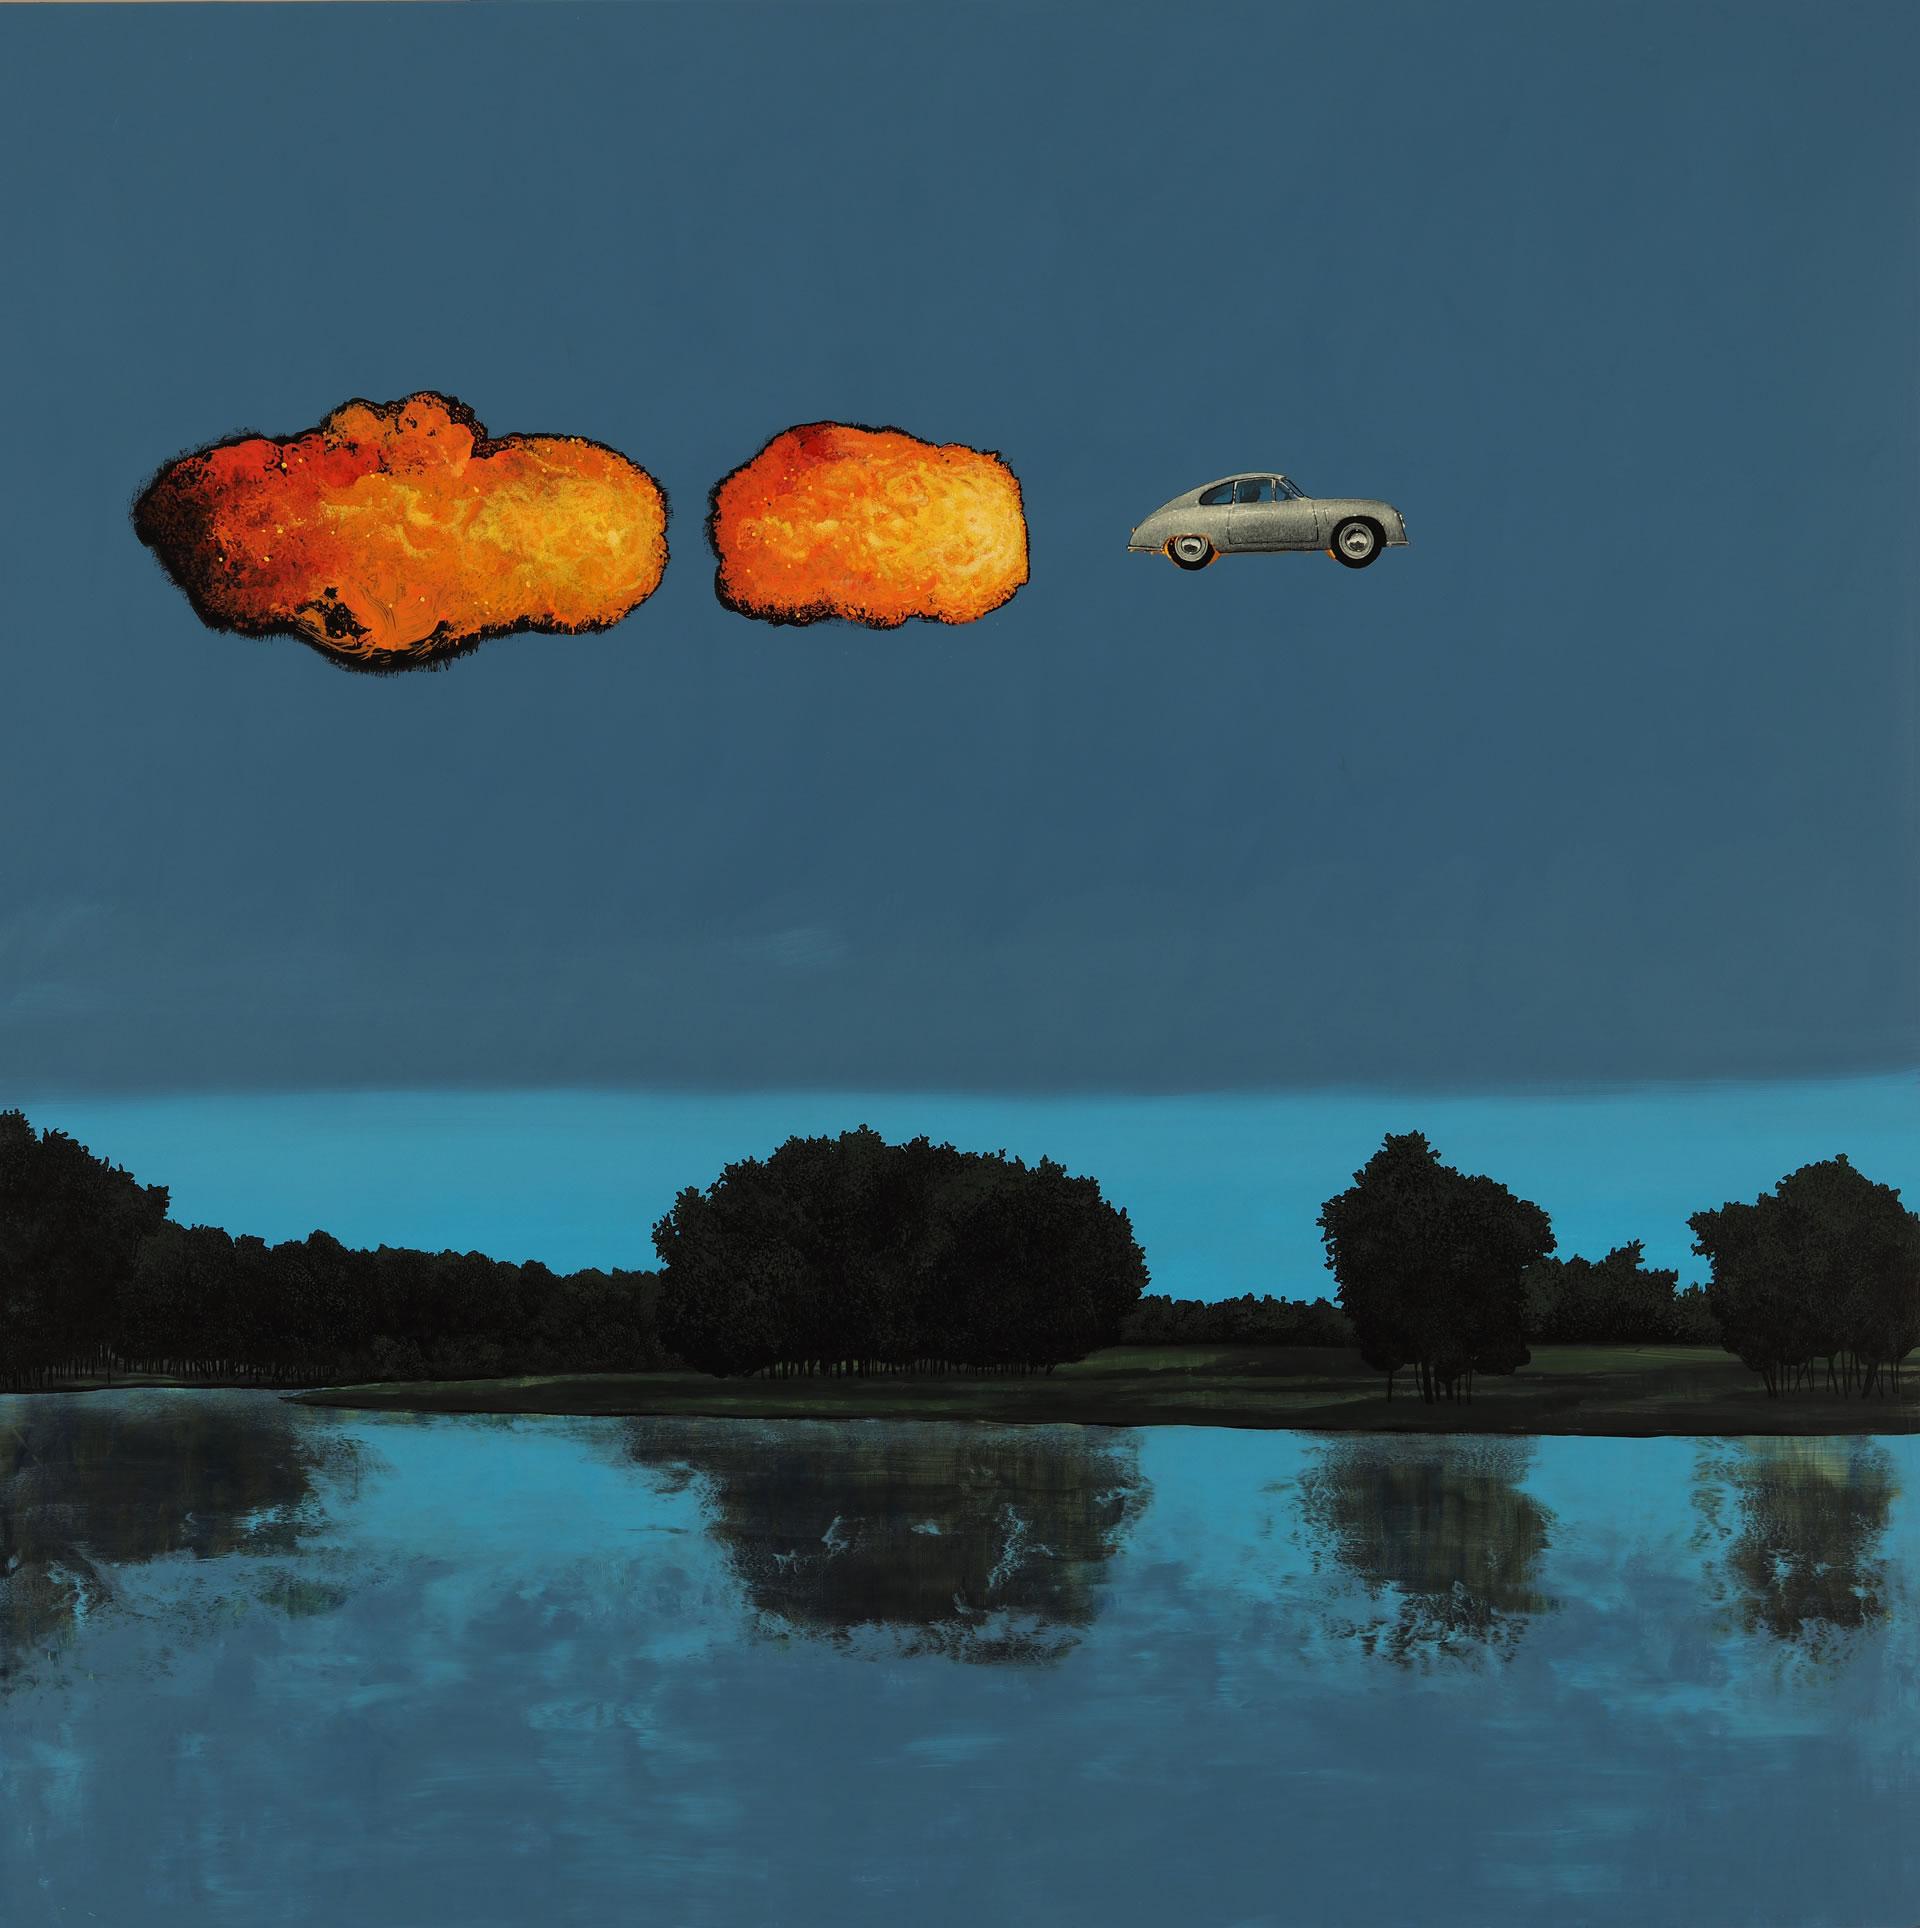 Sean-William-Randall-Thin-Air-40x40-Online-Art-Galleries